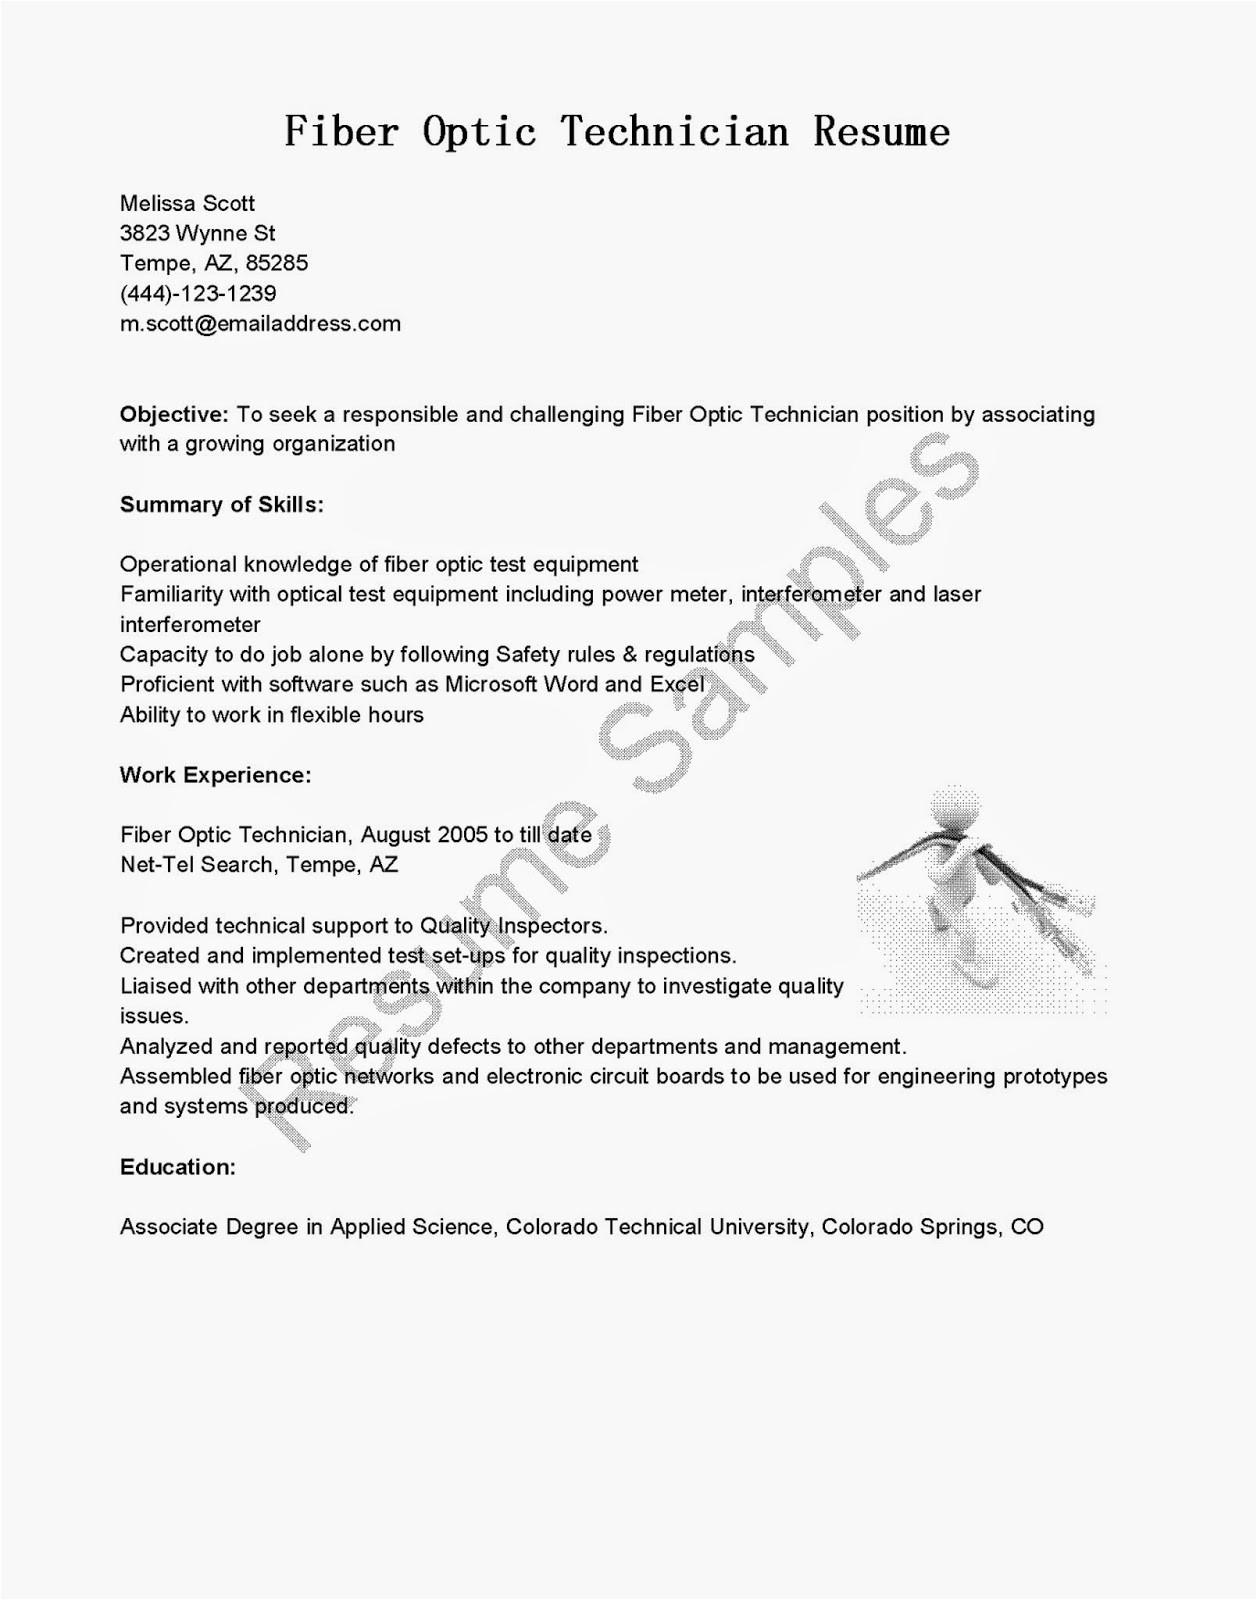 fiber optic technician resume sample